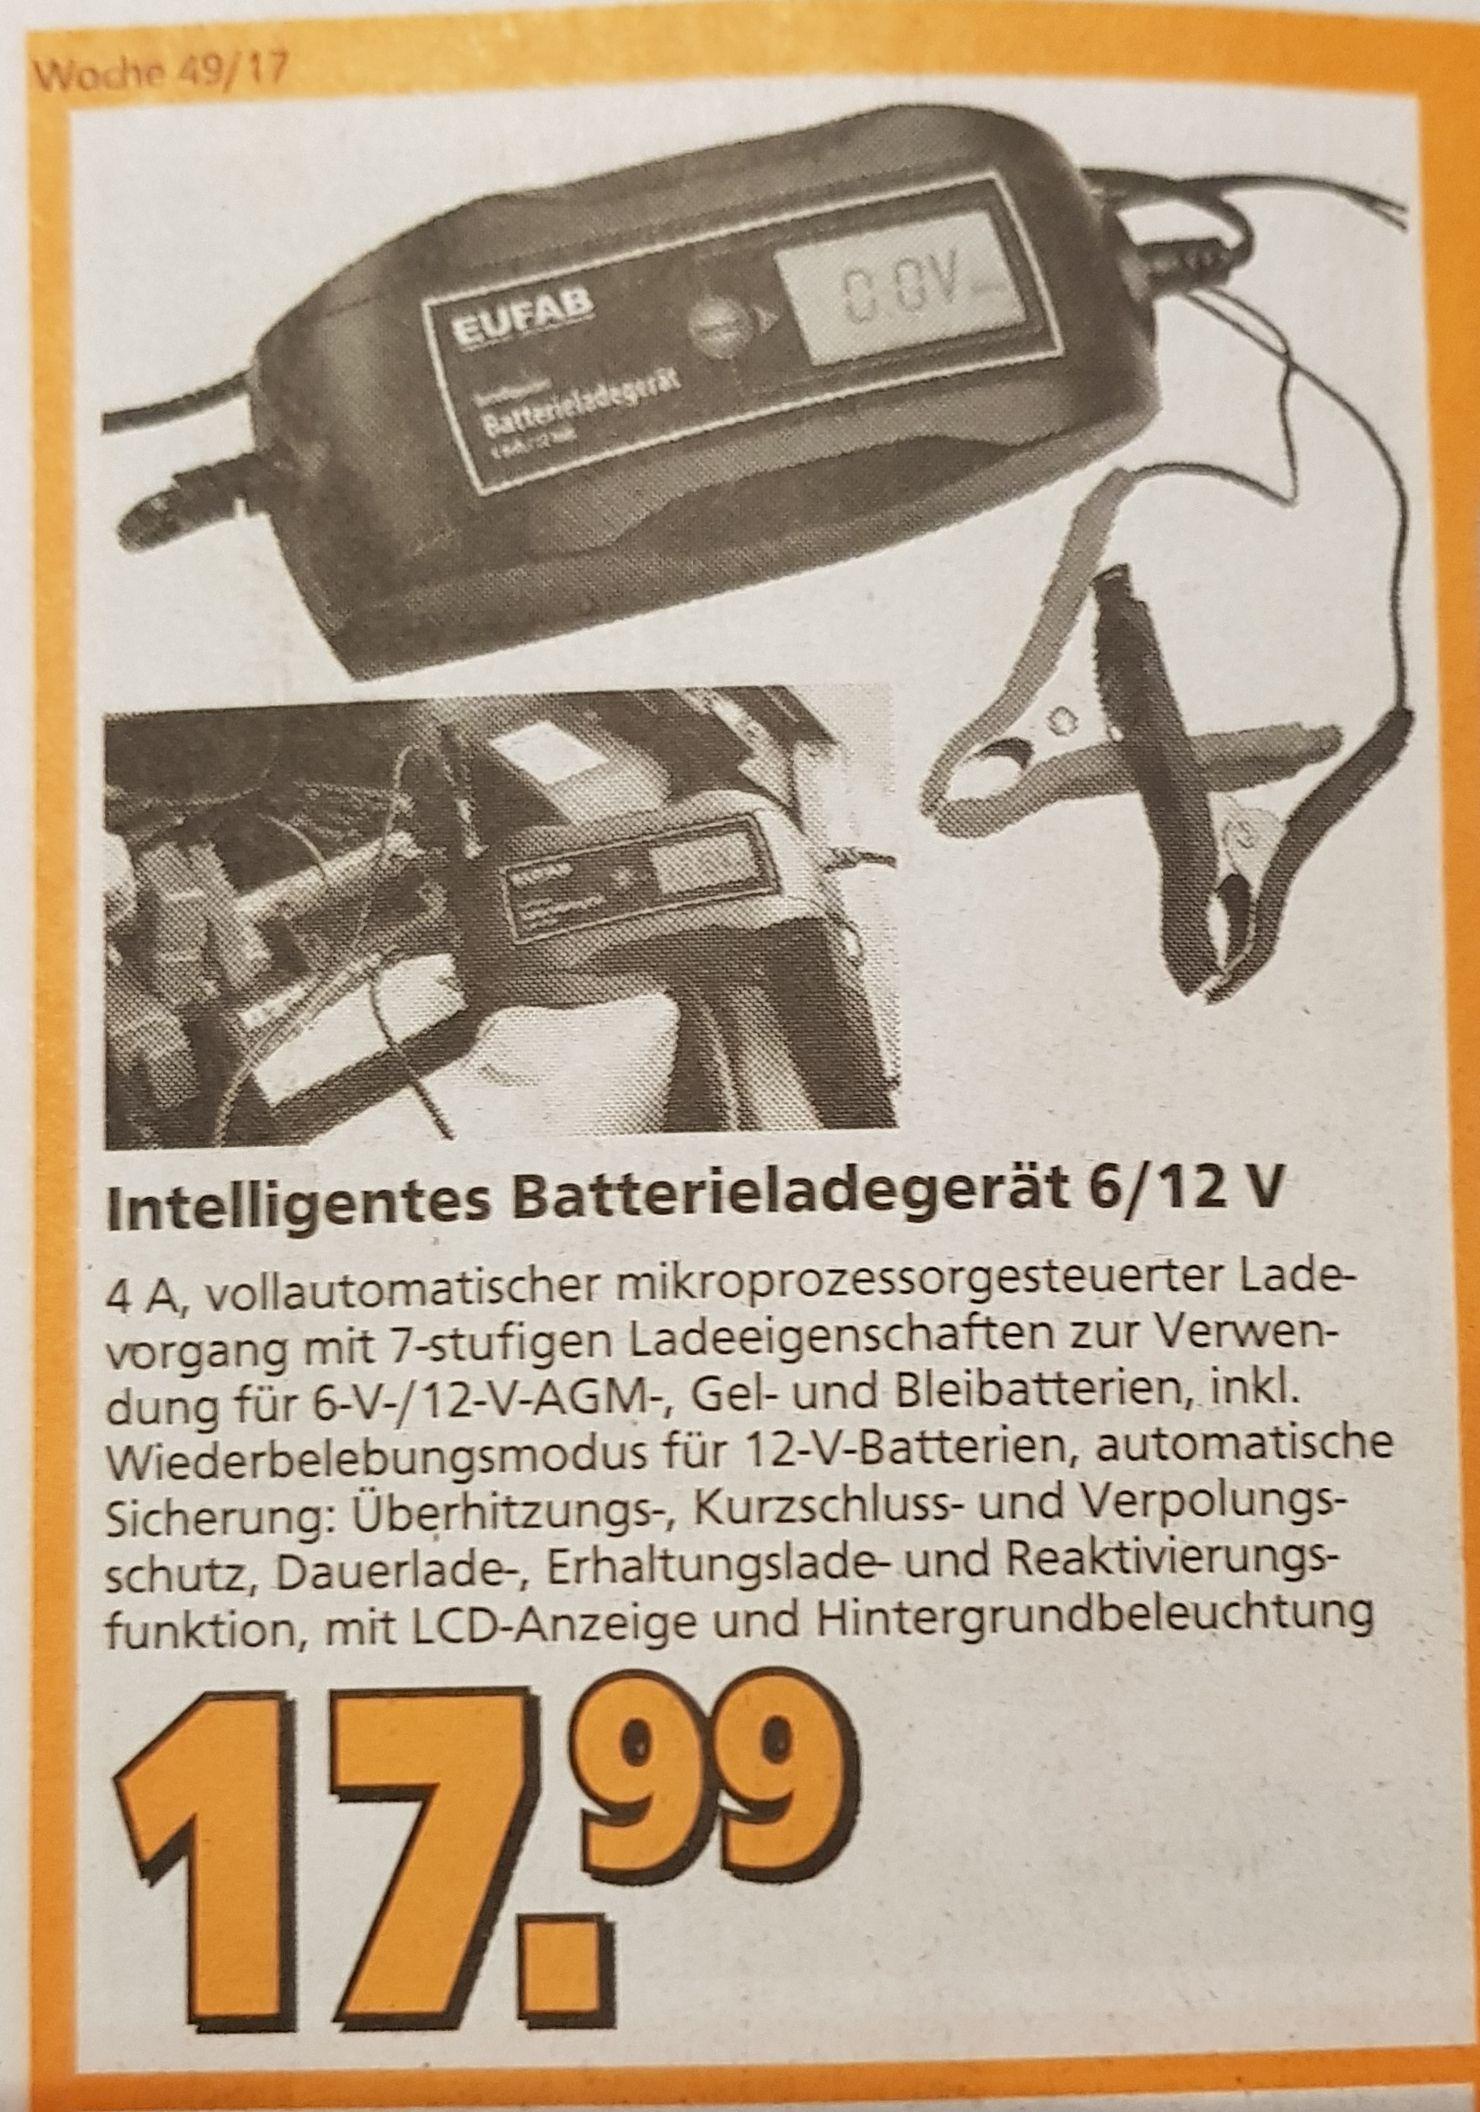 GLOBUS Baumarkt (lokal) EUFAB Batterieladegerät 16615 für Autobatterien (jetzt auch online: via ebay +4,90 VK)